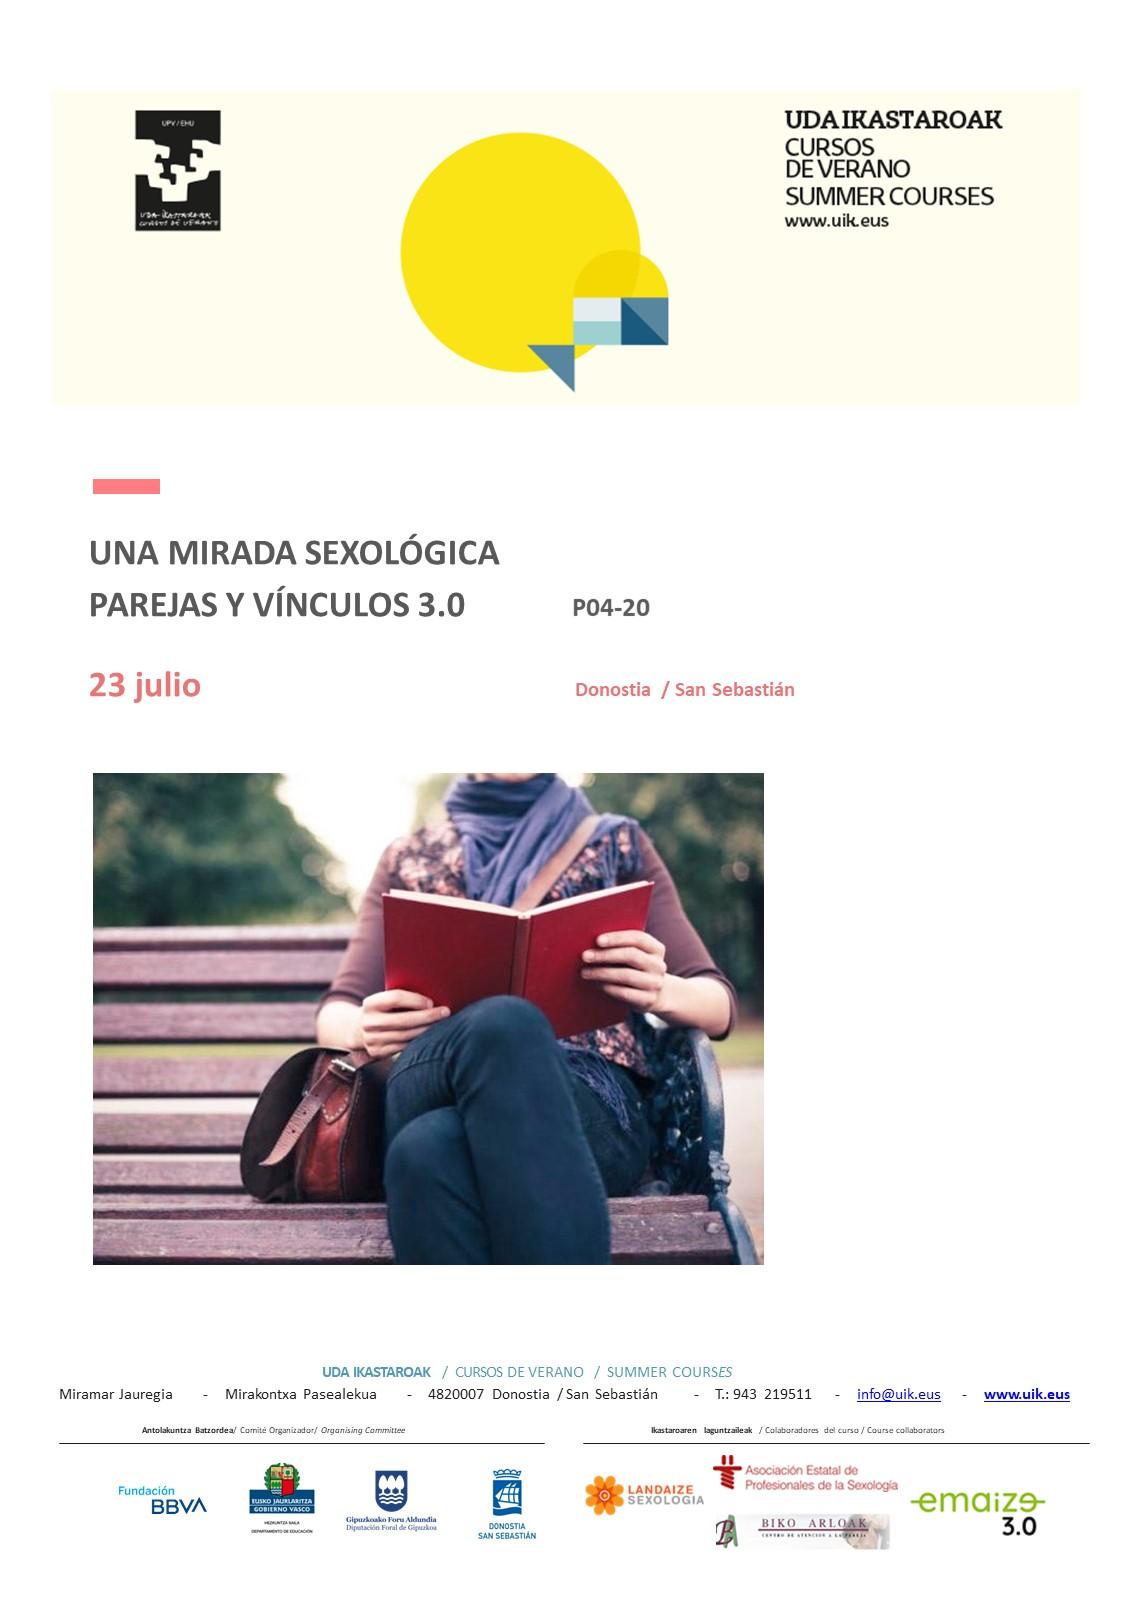 Curso de verano UPV/EHU. UNA MIRADA SEXOLÓGICA PAREJAS Y VÍNCULOS 3.0